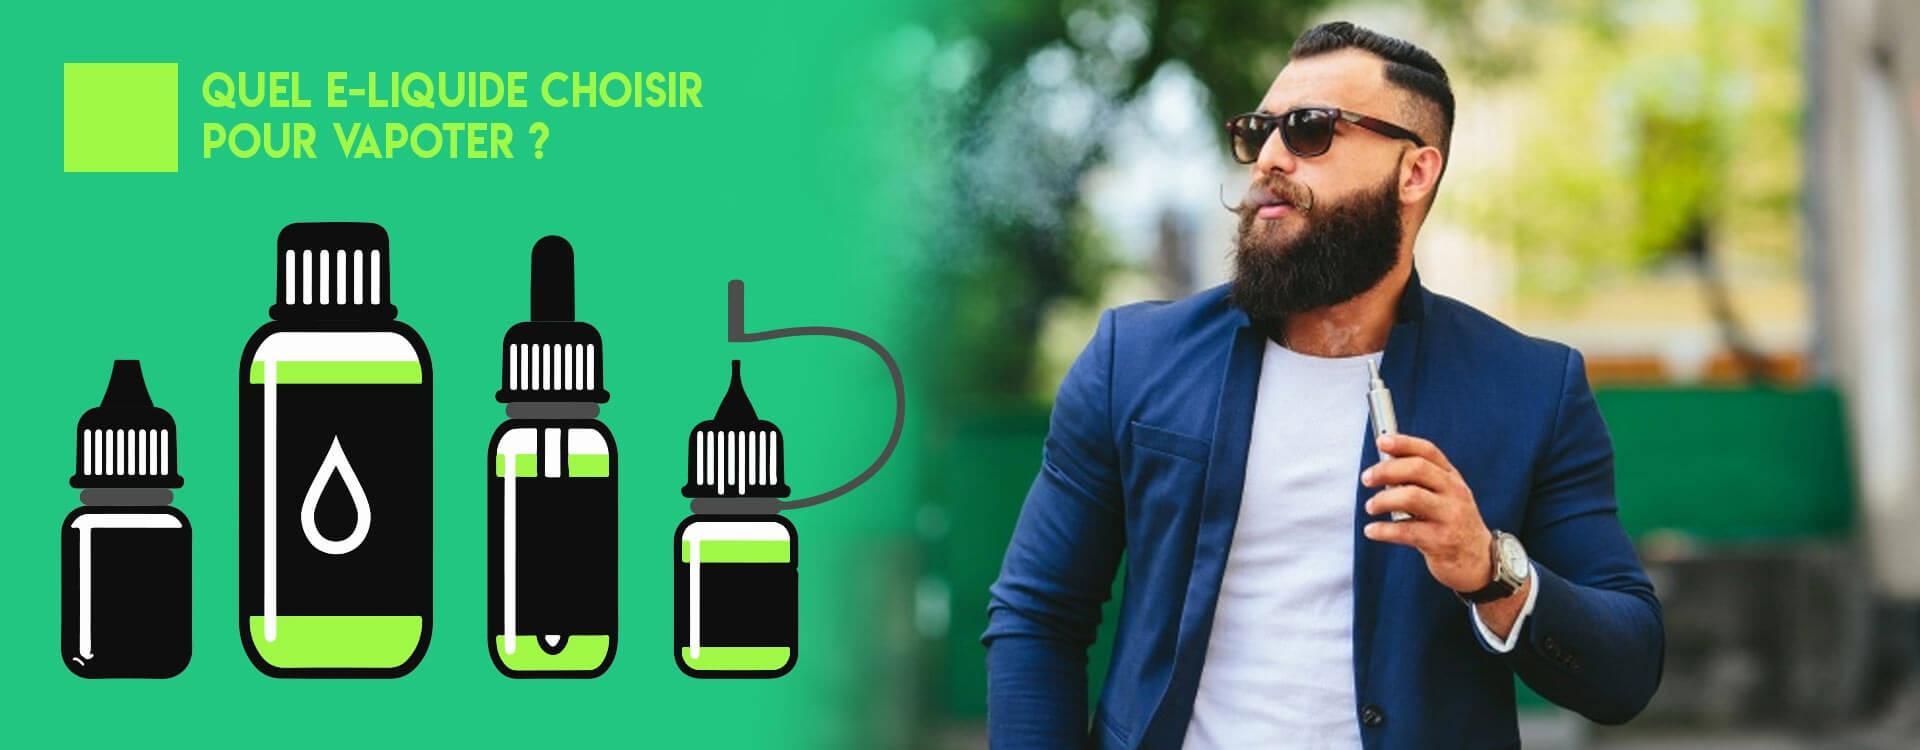 Cigarette électronique : un produit pour la santé ?